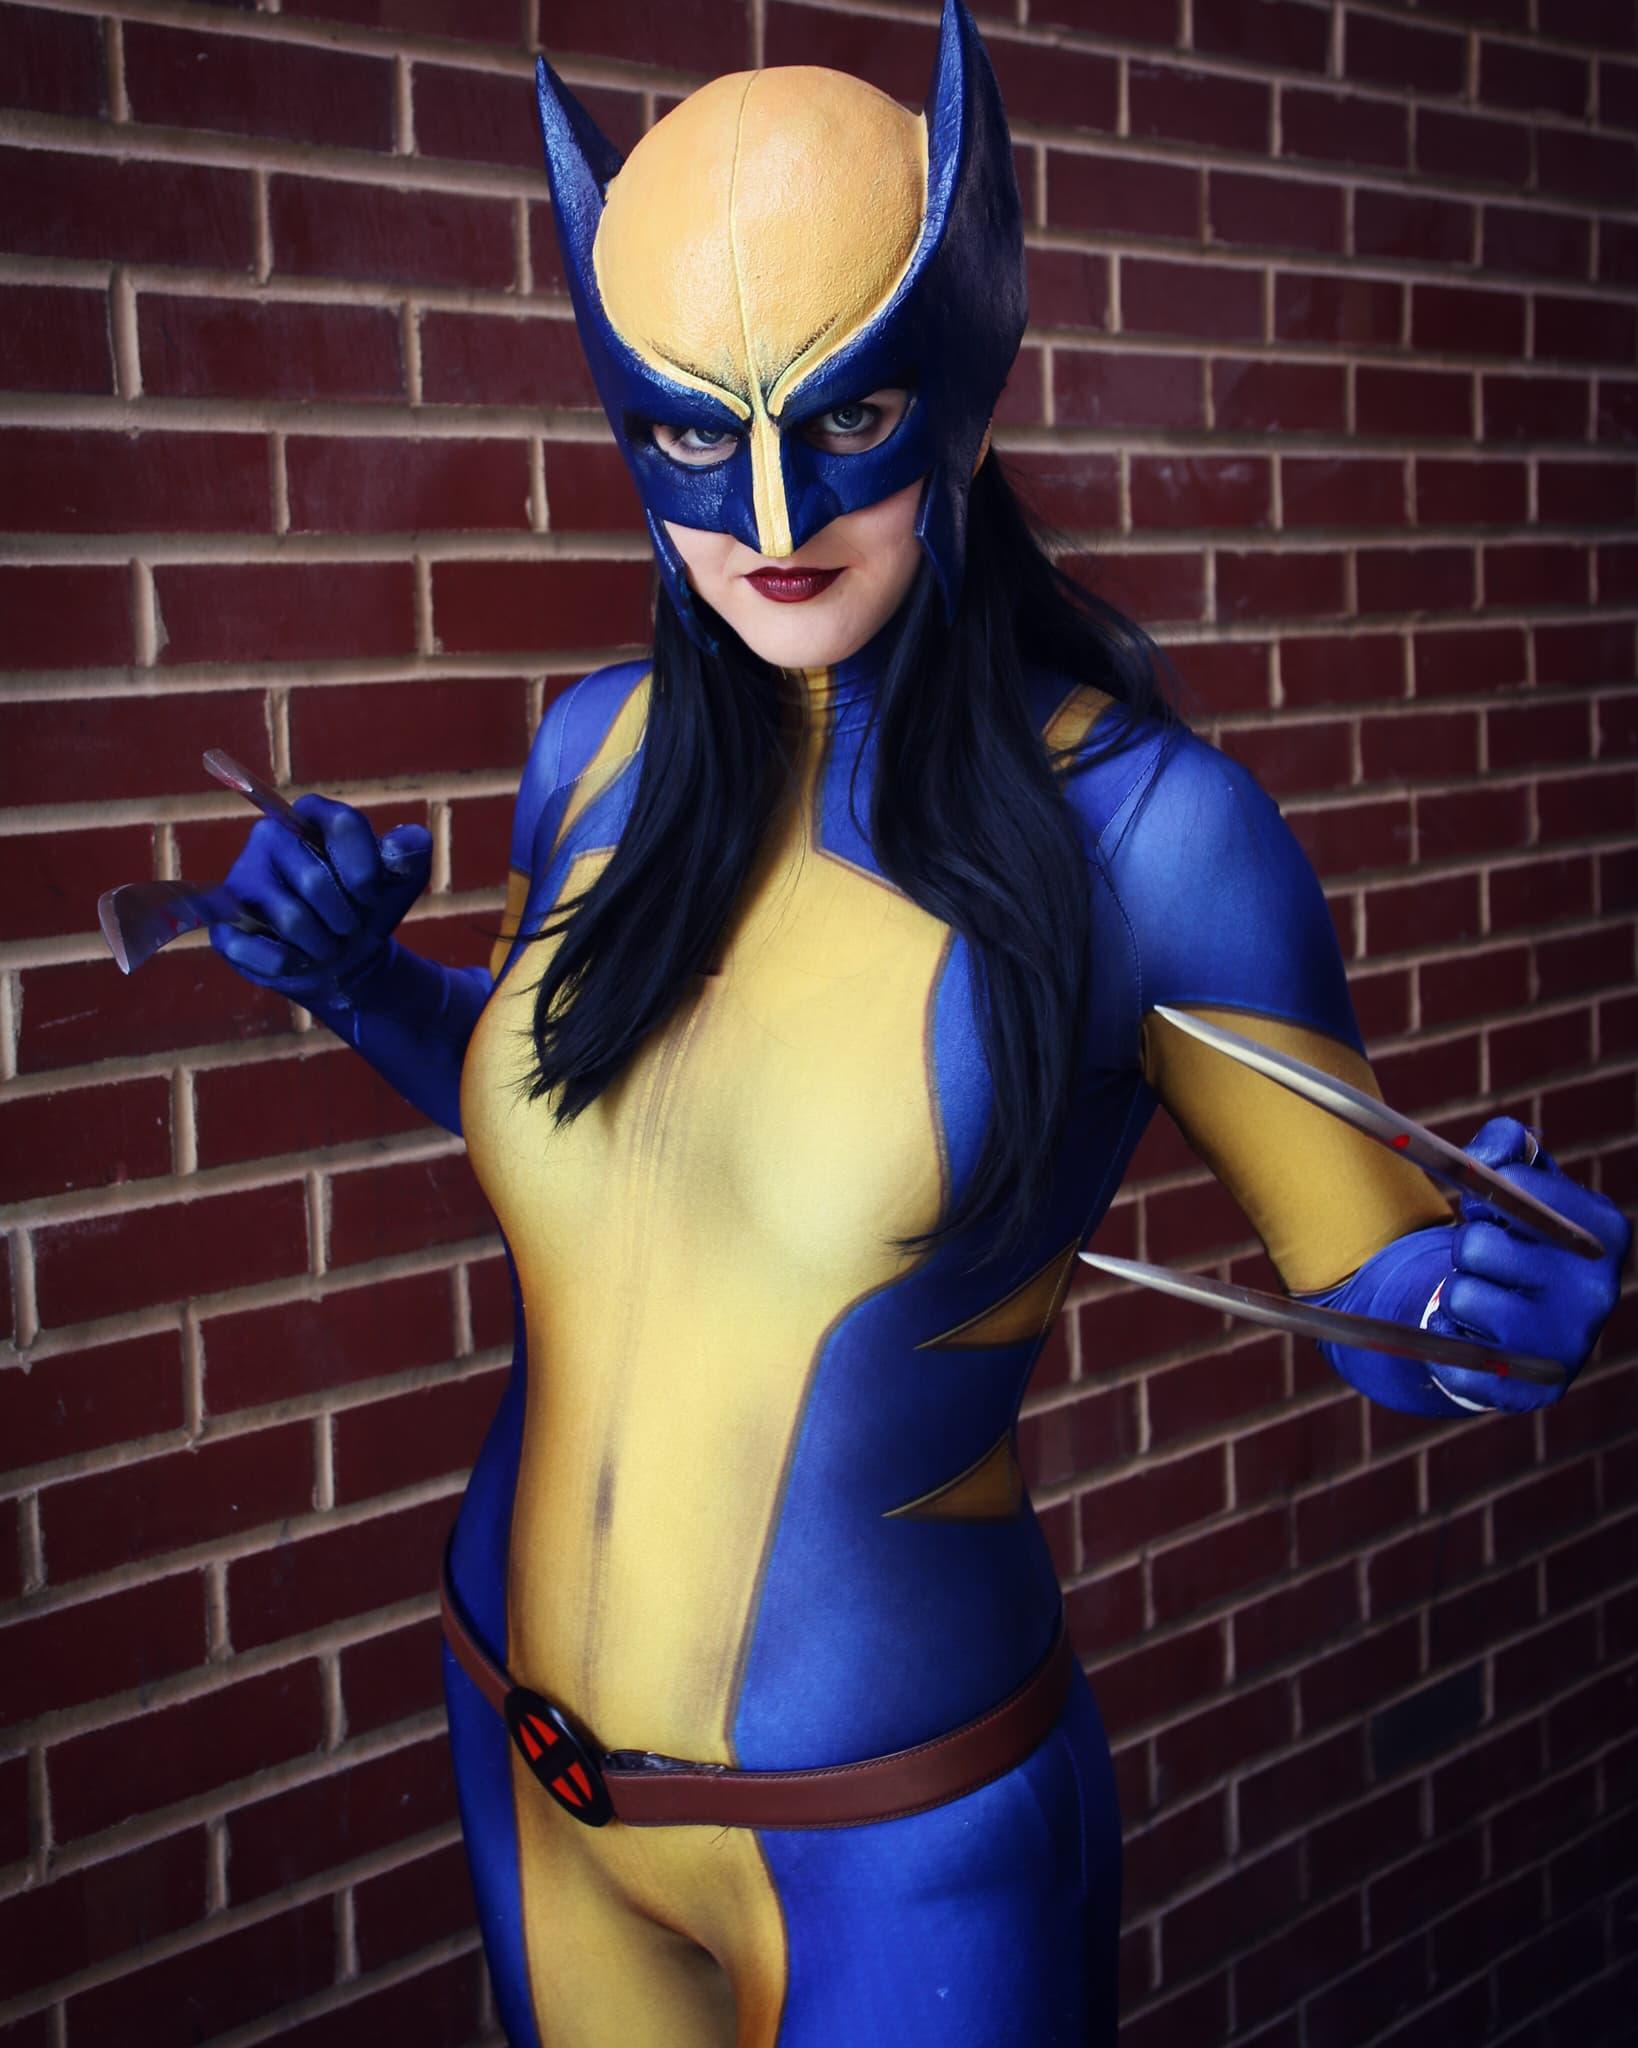 Wolverine cosplayer